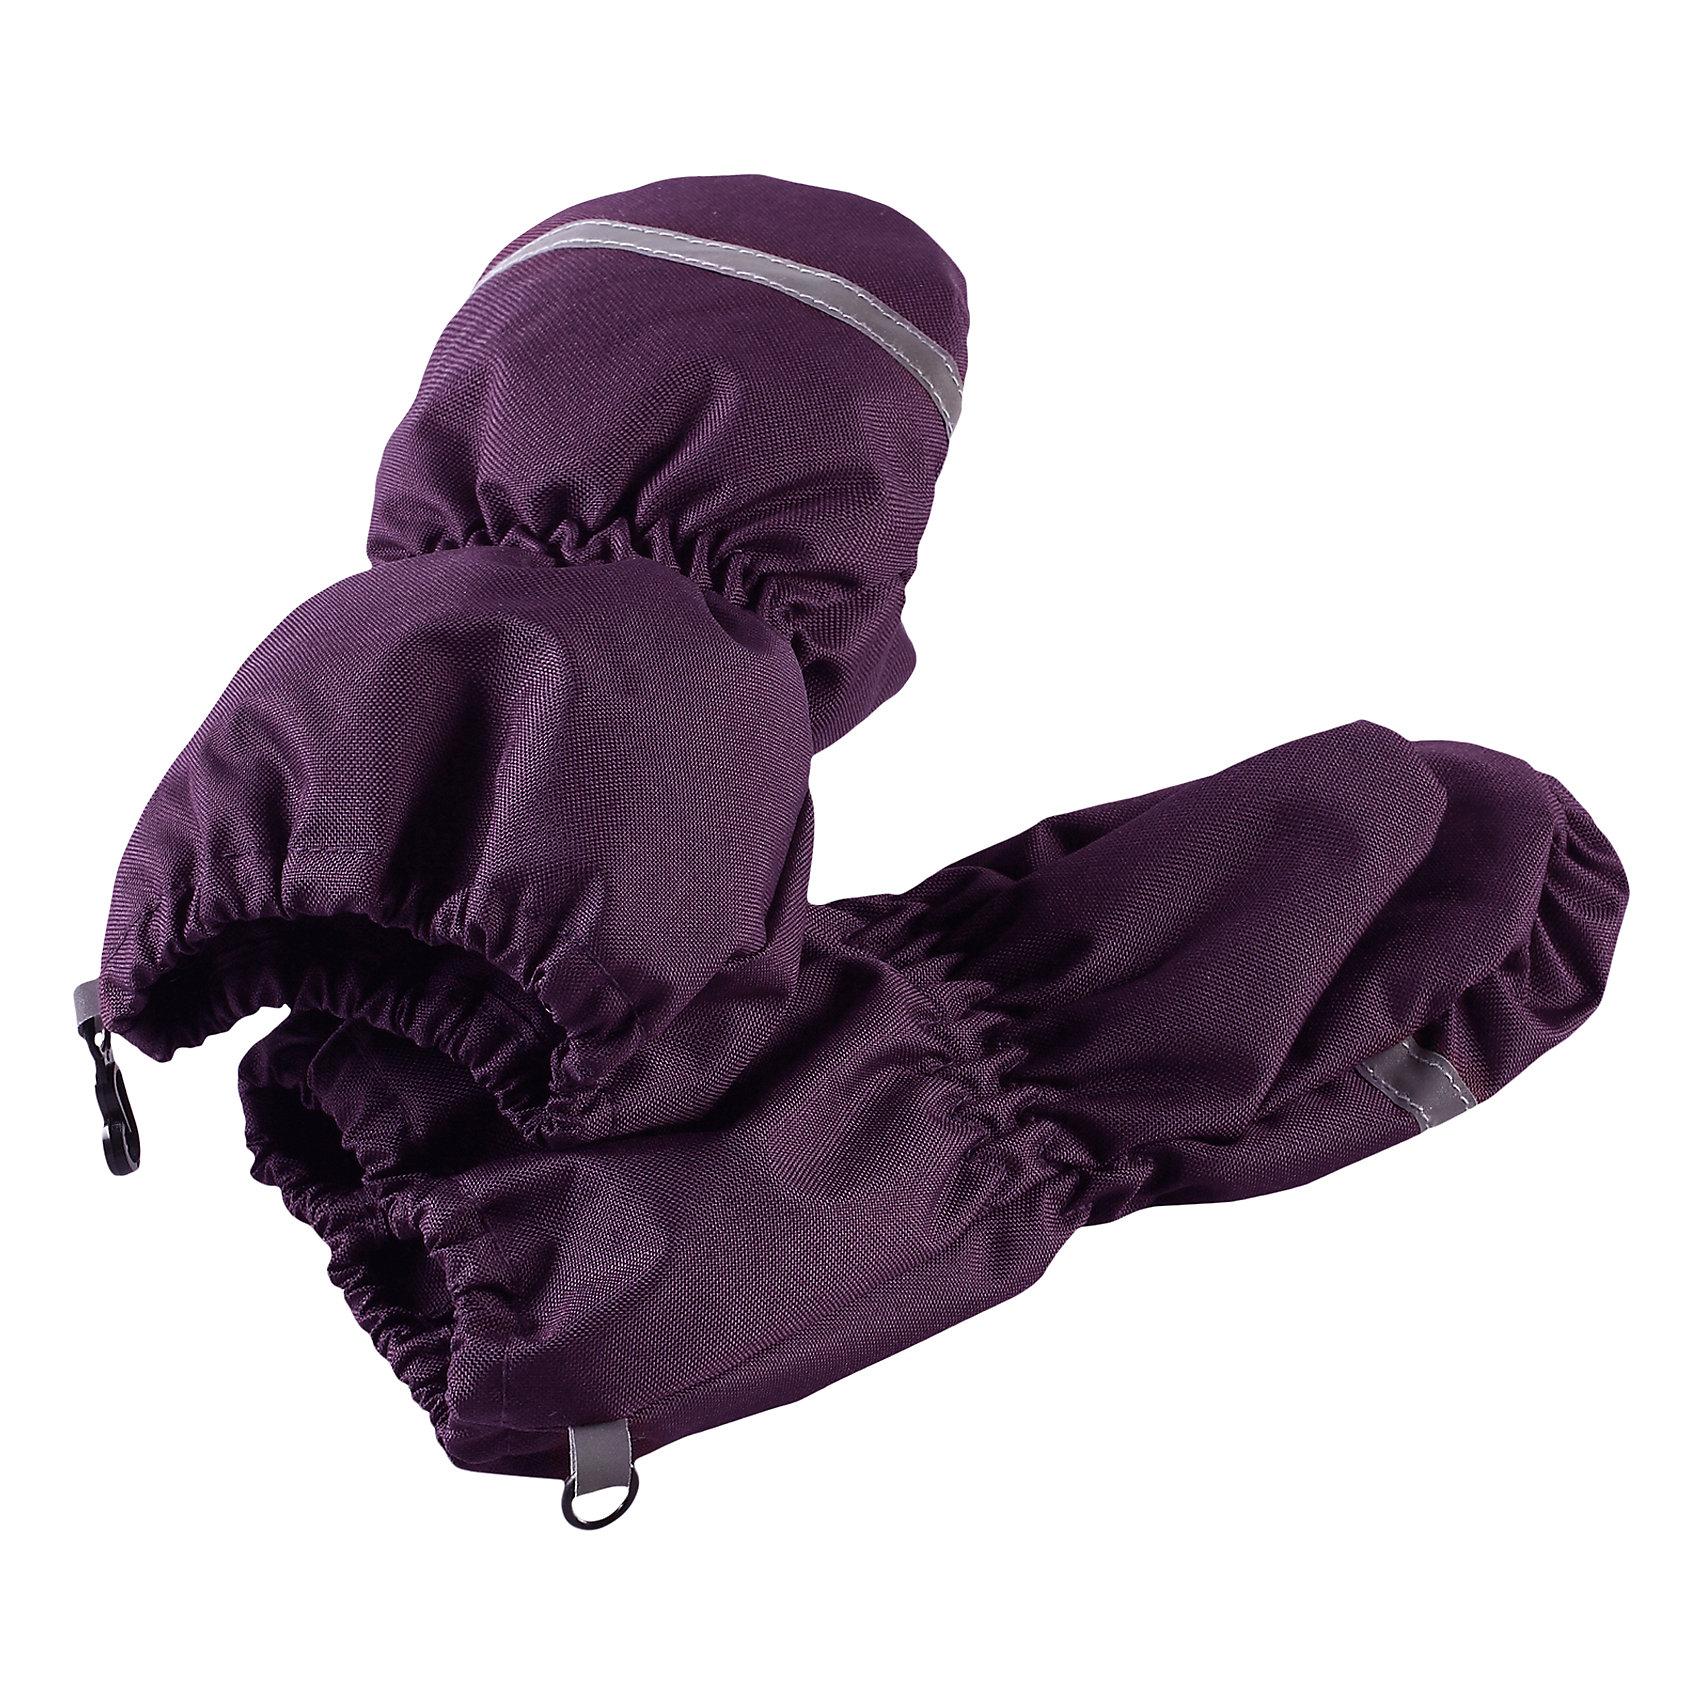 Варежки LassieПерчатки, варежки<br>Классические зимние варежки для малышей согреют пальчики во время зимних прогулок. Они изготовлены из невероятно прочного, ветронепроницаемого и дышащего материала с верхним водо- и грязеотталкивающим слоем. Подкладка из трикотажа с начесом очень приятна на ощупь.<br>Состав:<br>100% Полиэстер<br><br>Ширина мм: 162<br>Глубина мм: 171<br>Высота мм: 55<br>Вес г: 119<br>Цвет: лиловый<br>Возраст от месяцев: 12<br>Возраст до месяцев: 24<br>Пол: Унисекс<br>Возраст: Детский<br>Размер: 2,0,1<br>SKU: 6905502